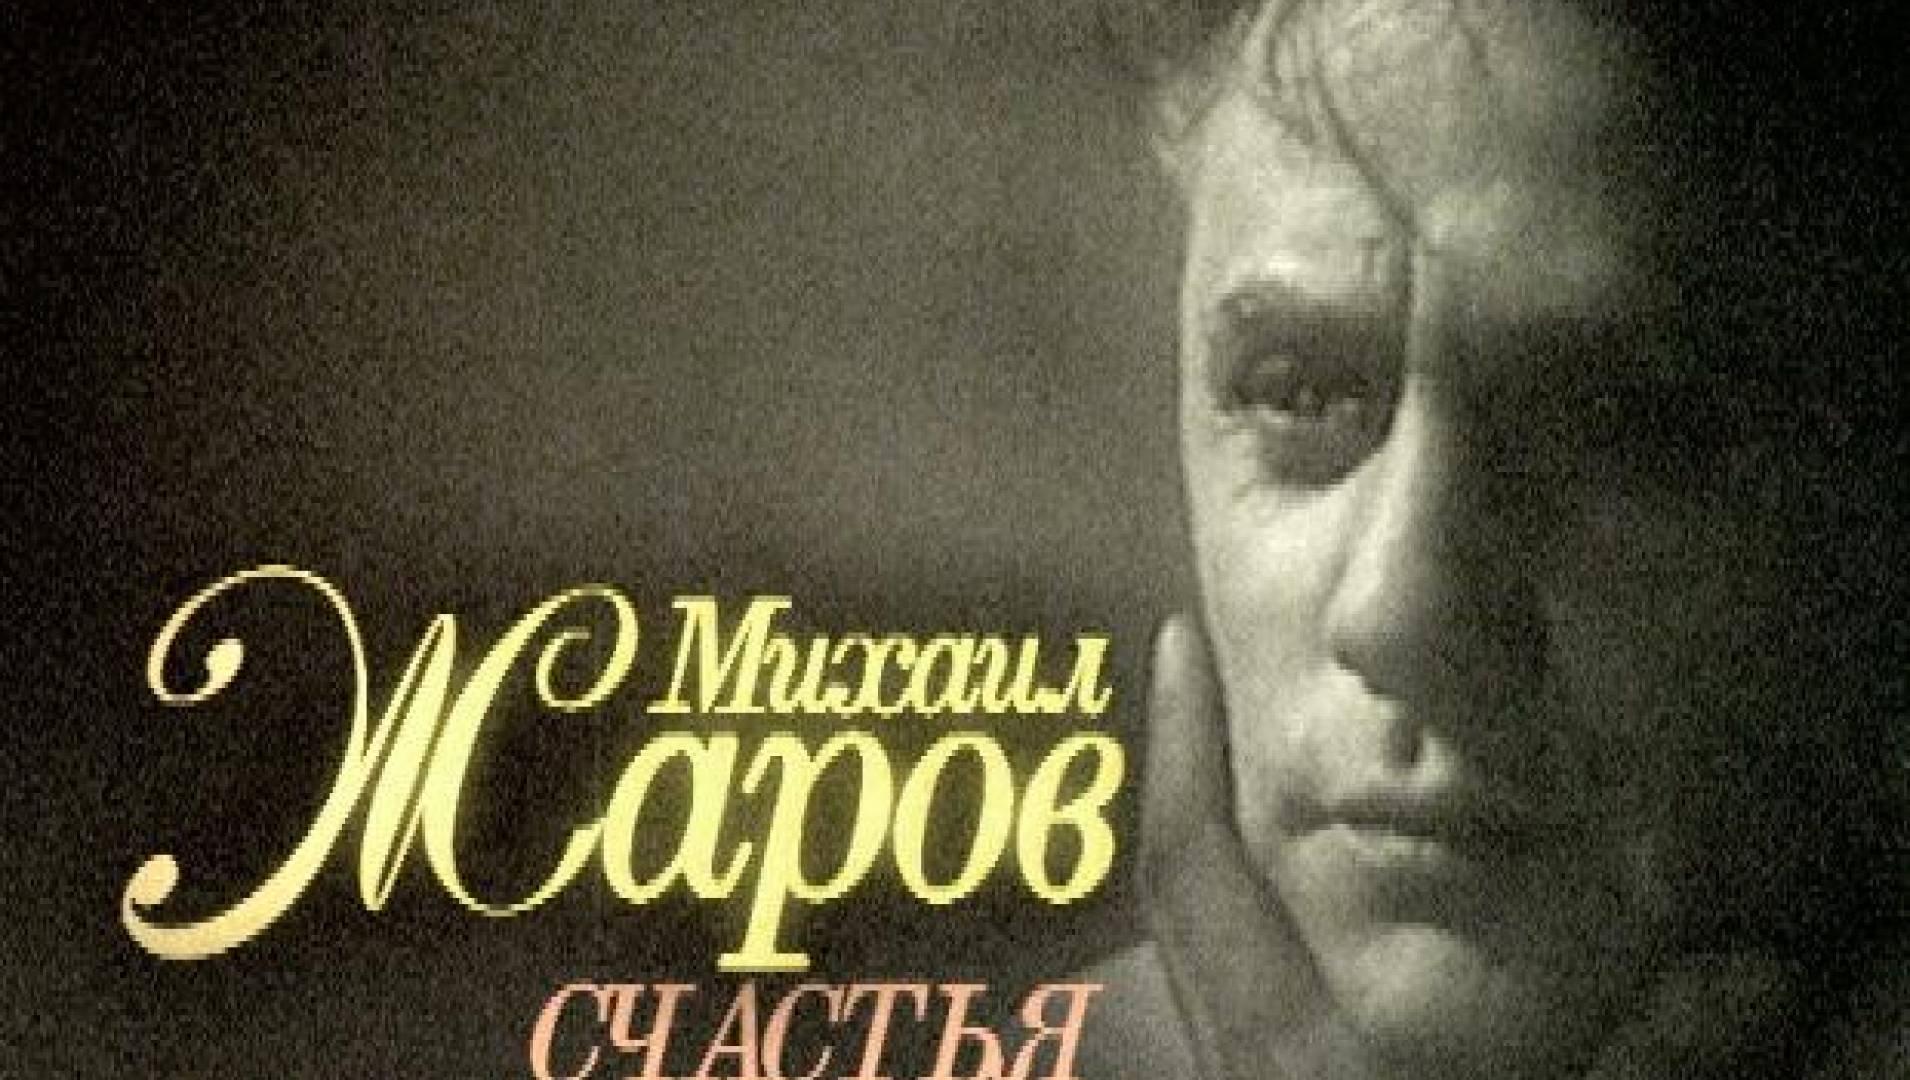 Михаил Жаров. Счастья баловень безродный... - Документальный фильм